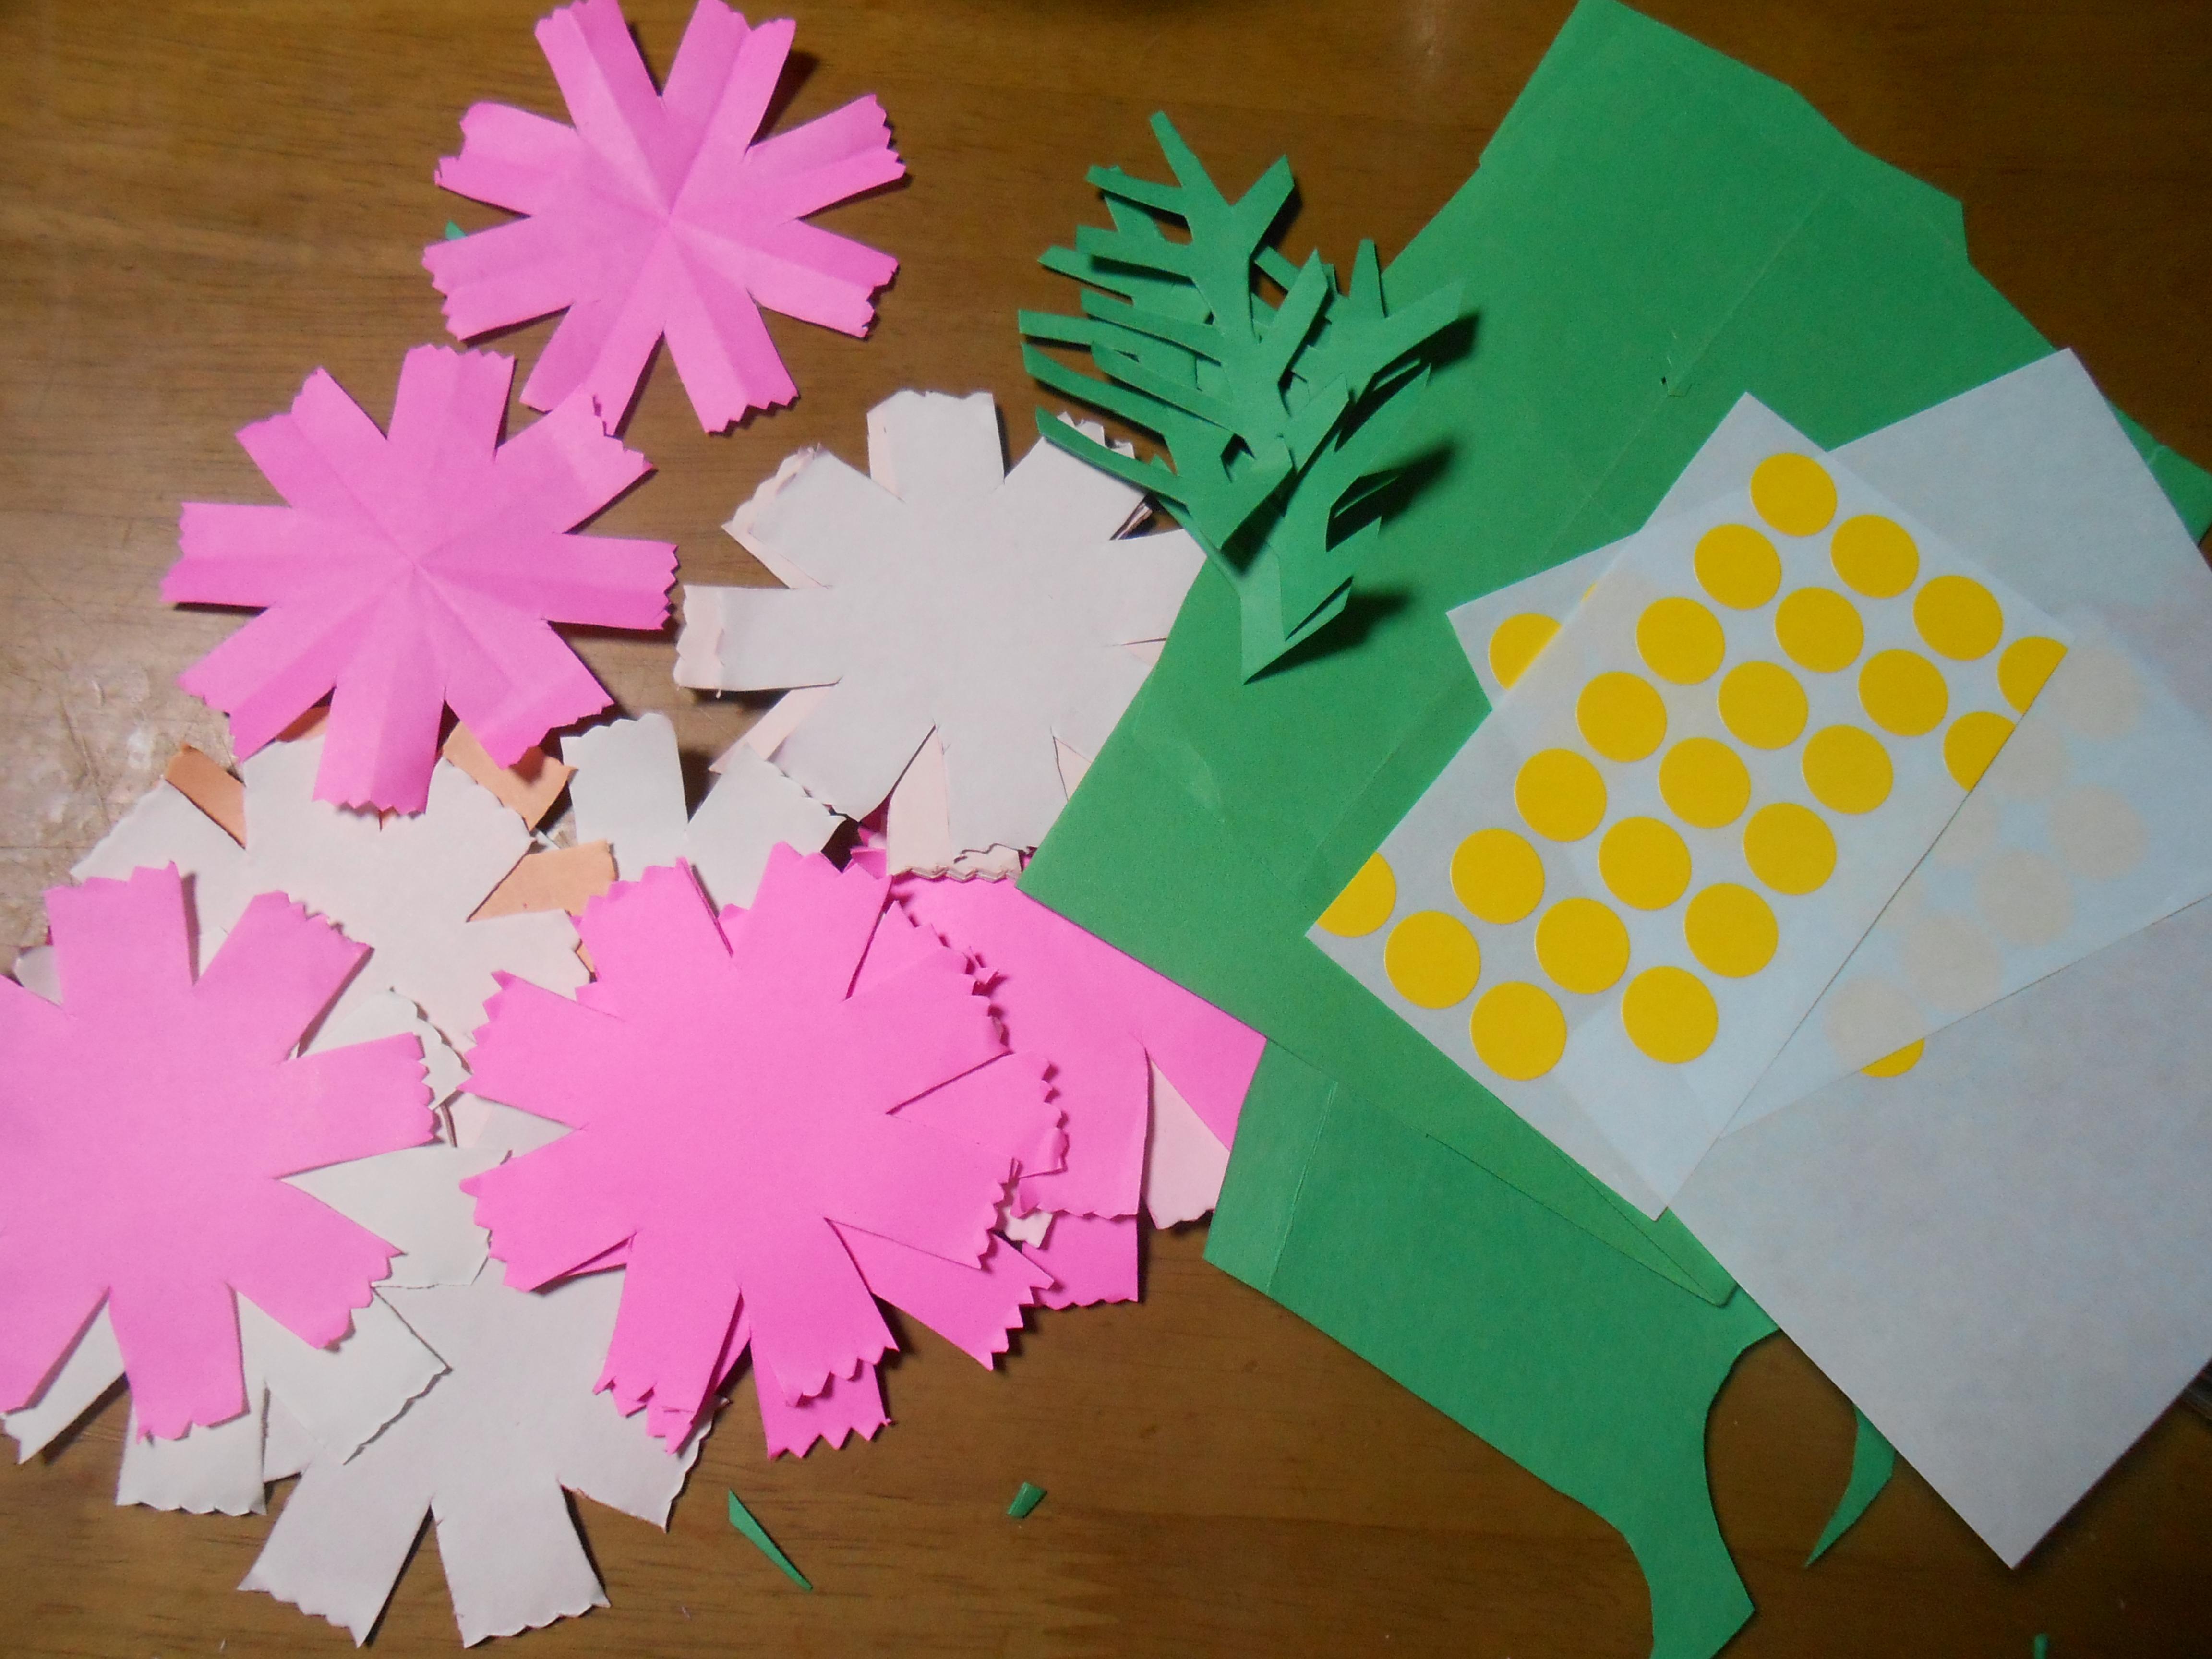 コスモス色の折り紙と黄色い ... : 簡単 折り紙 箱 : 折り紙